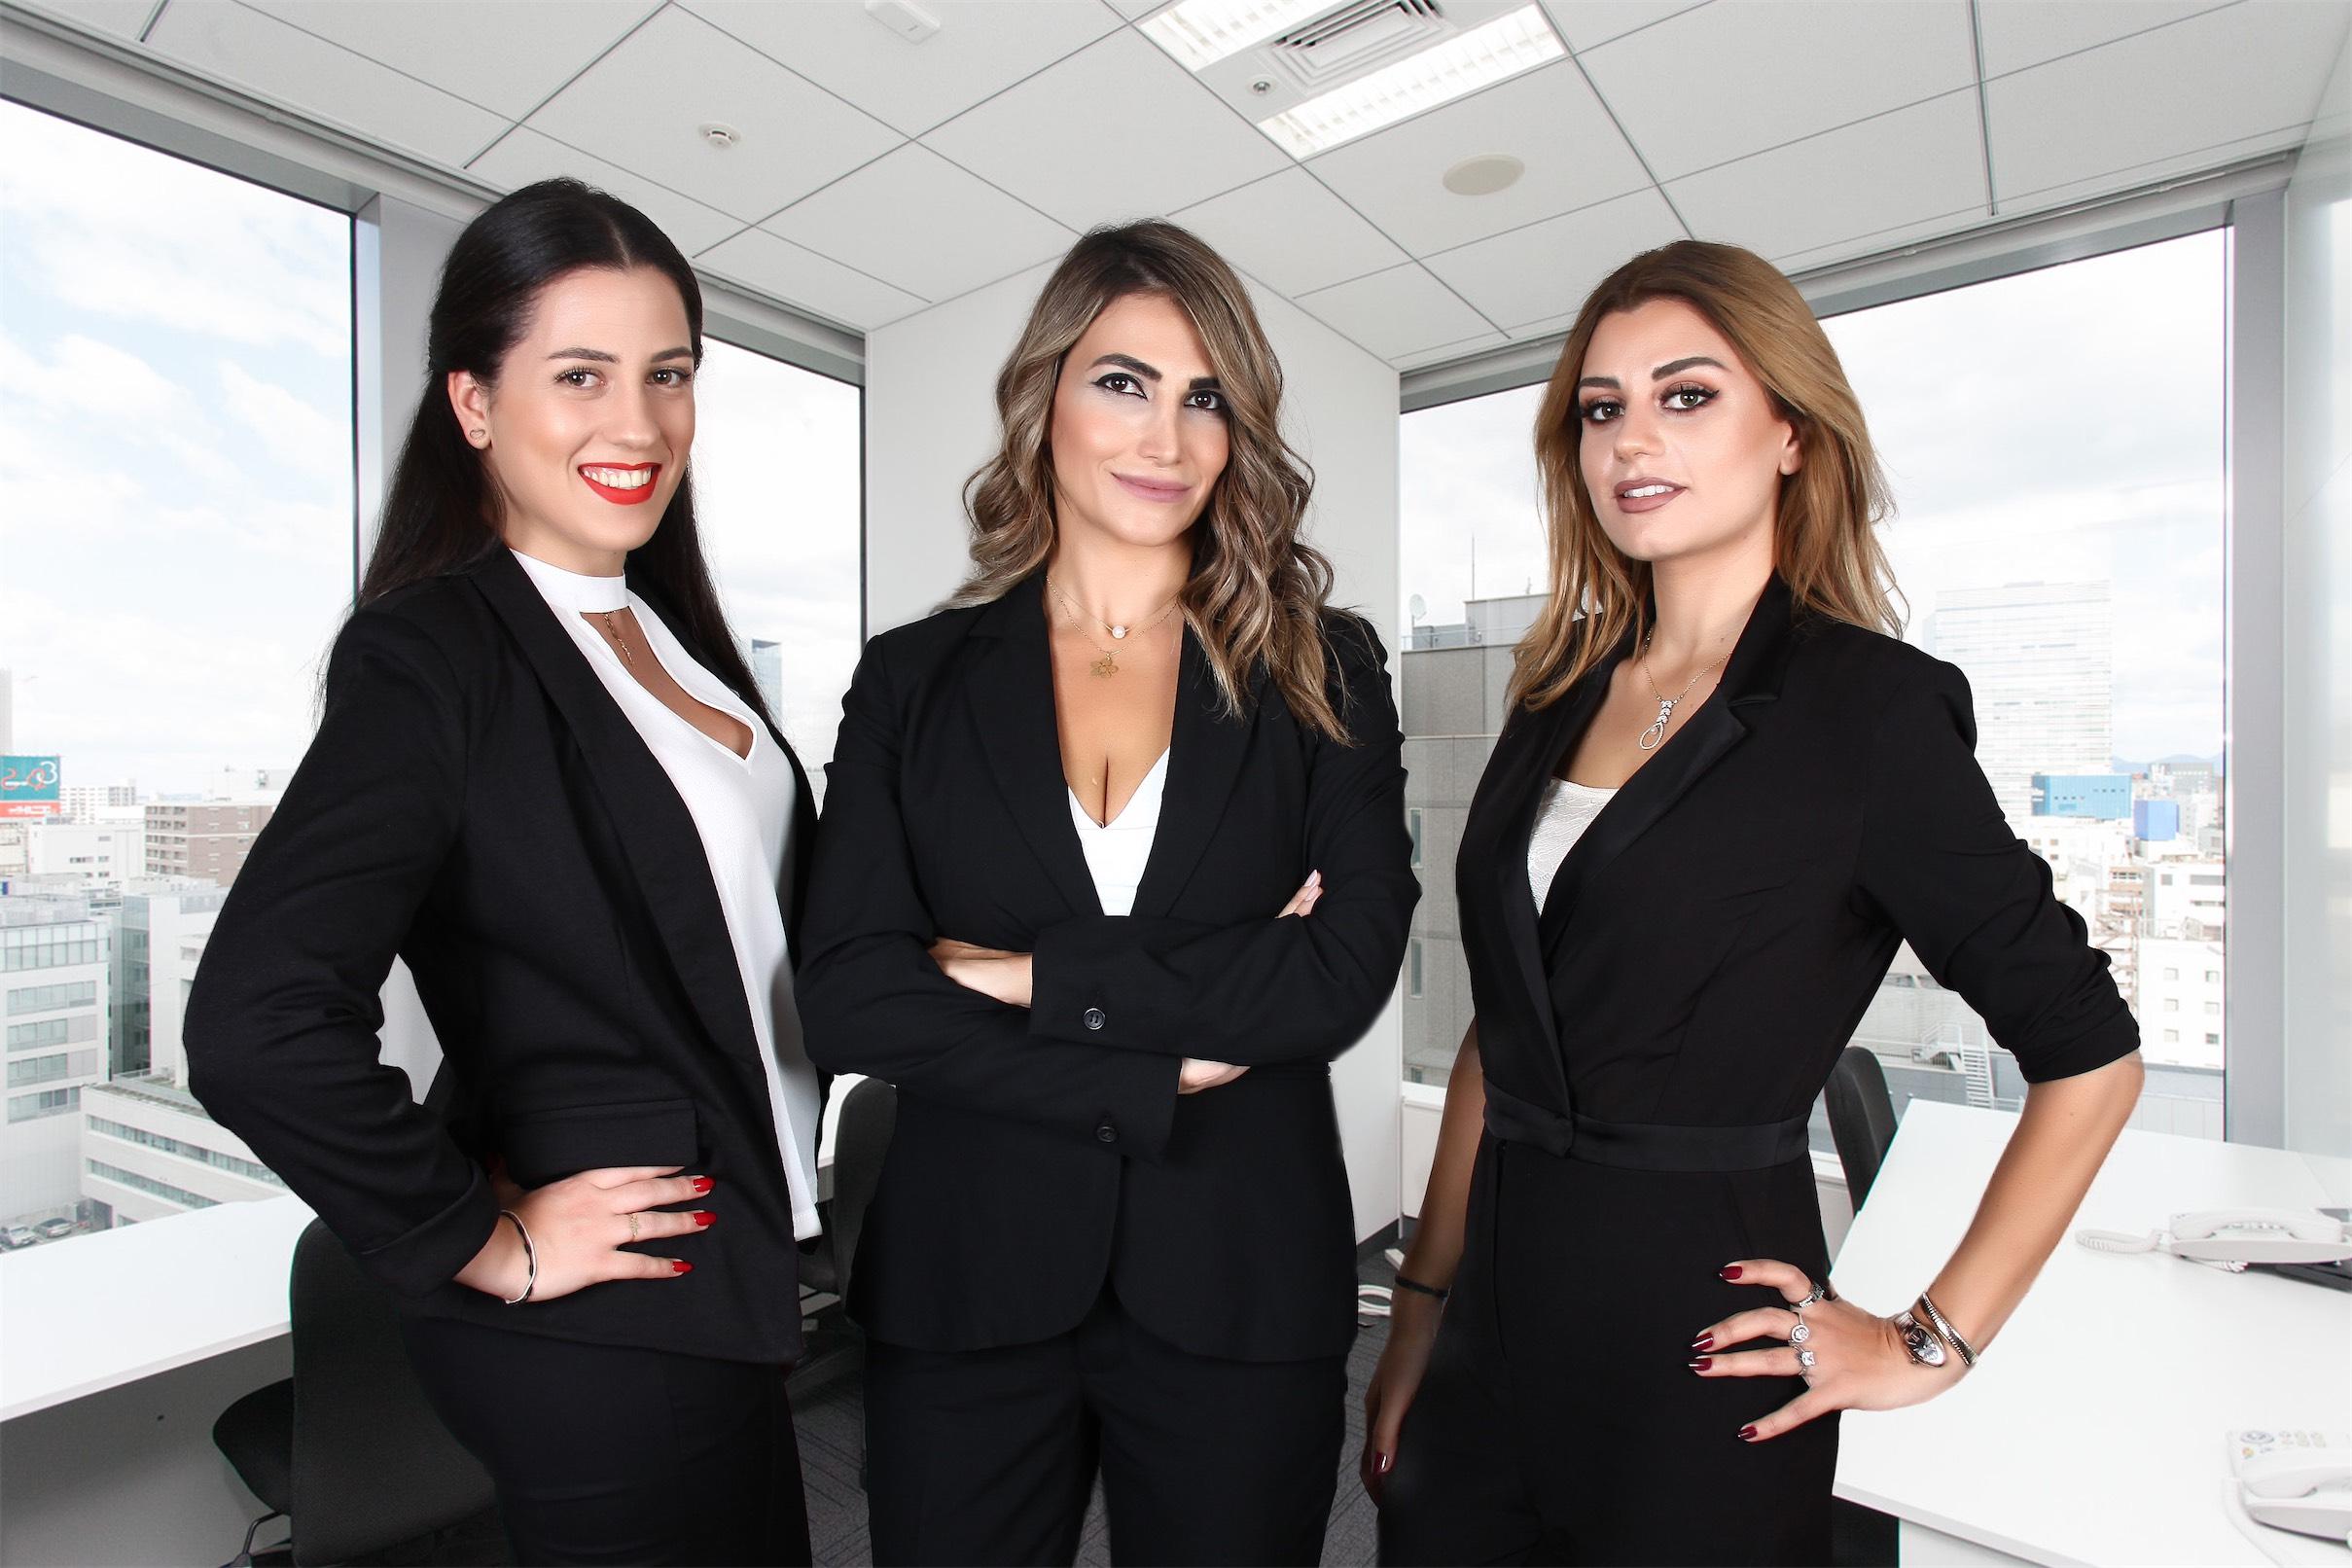 ga-consulting-team-